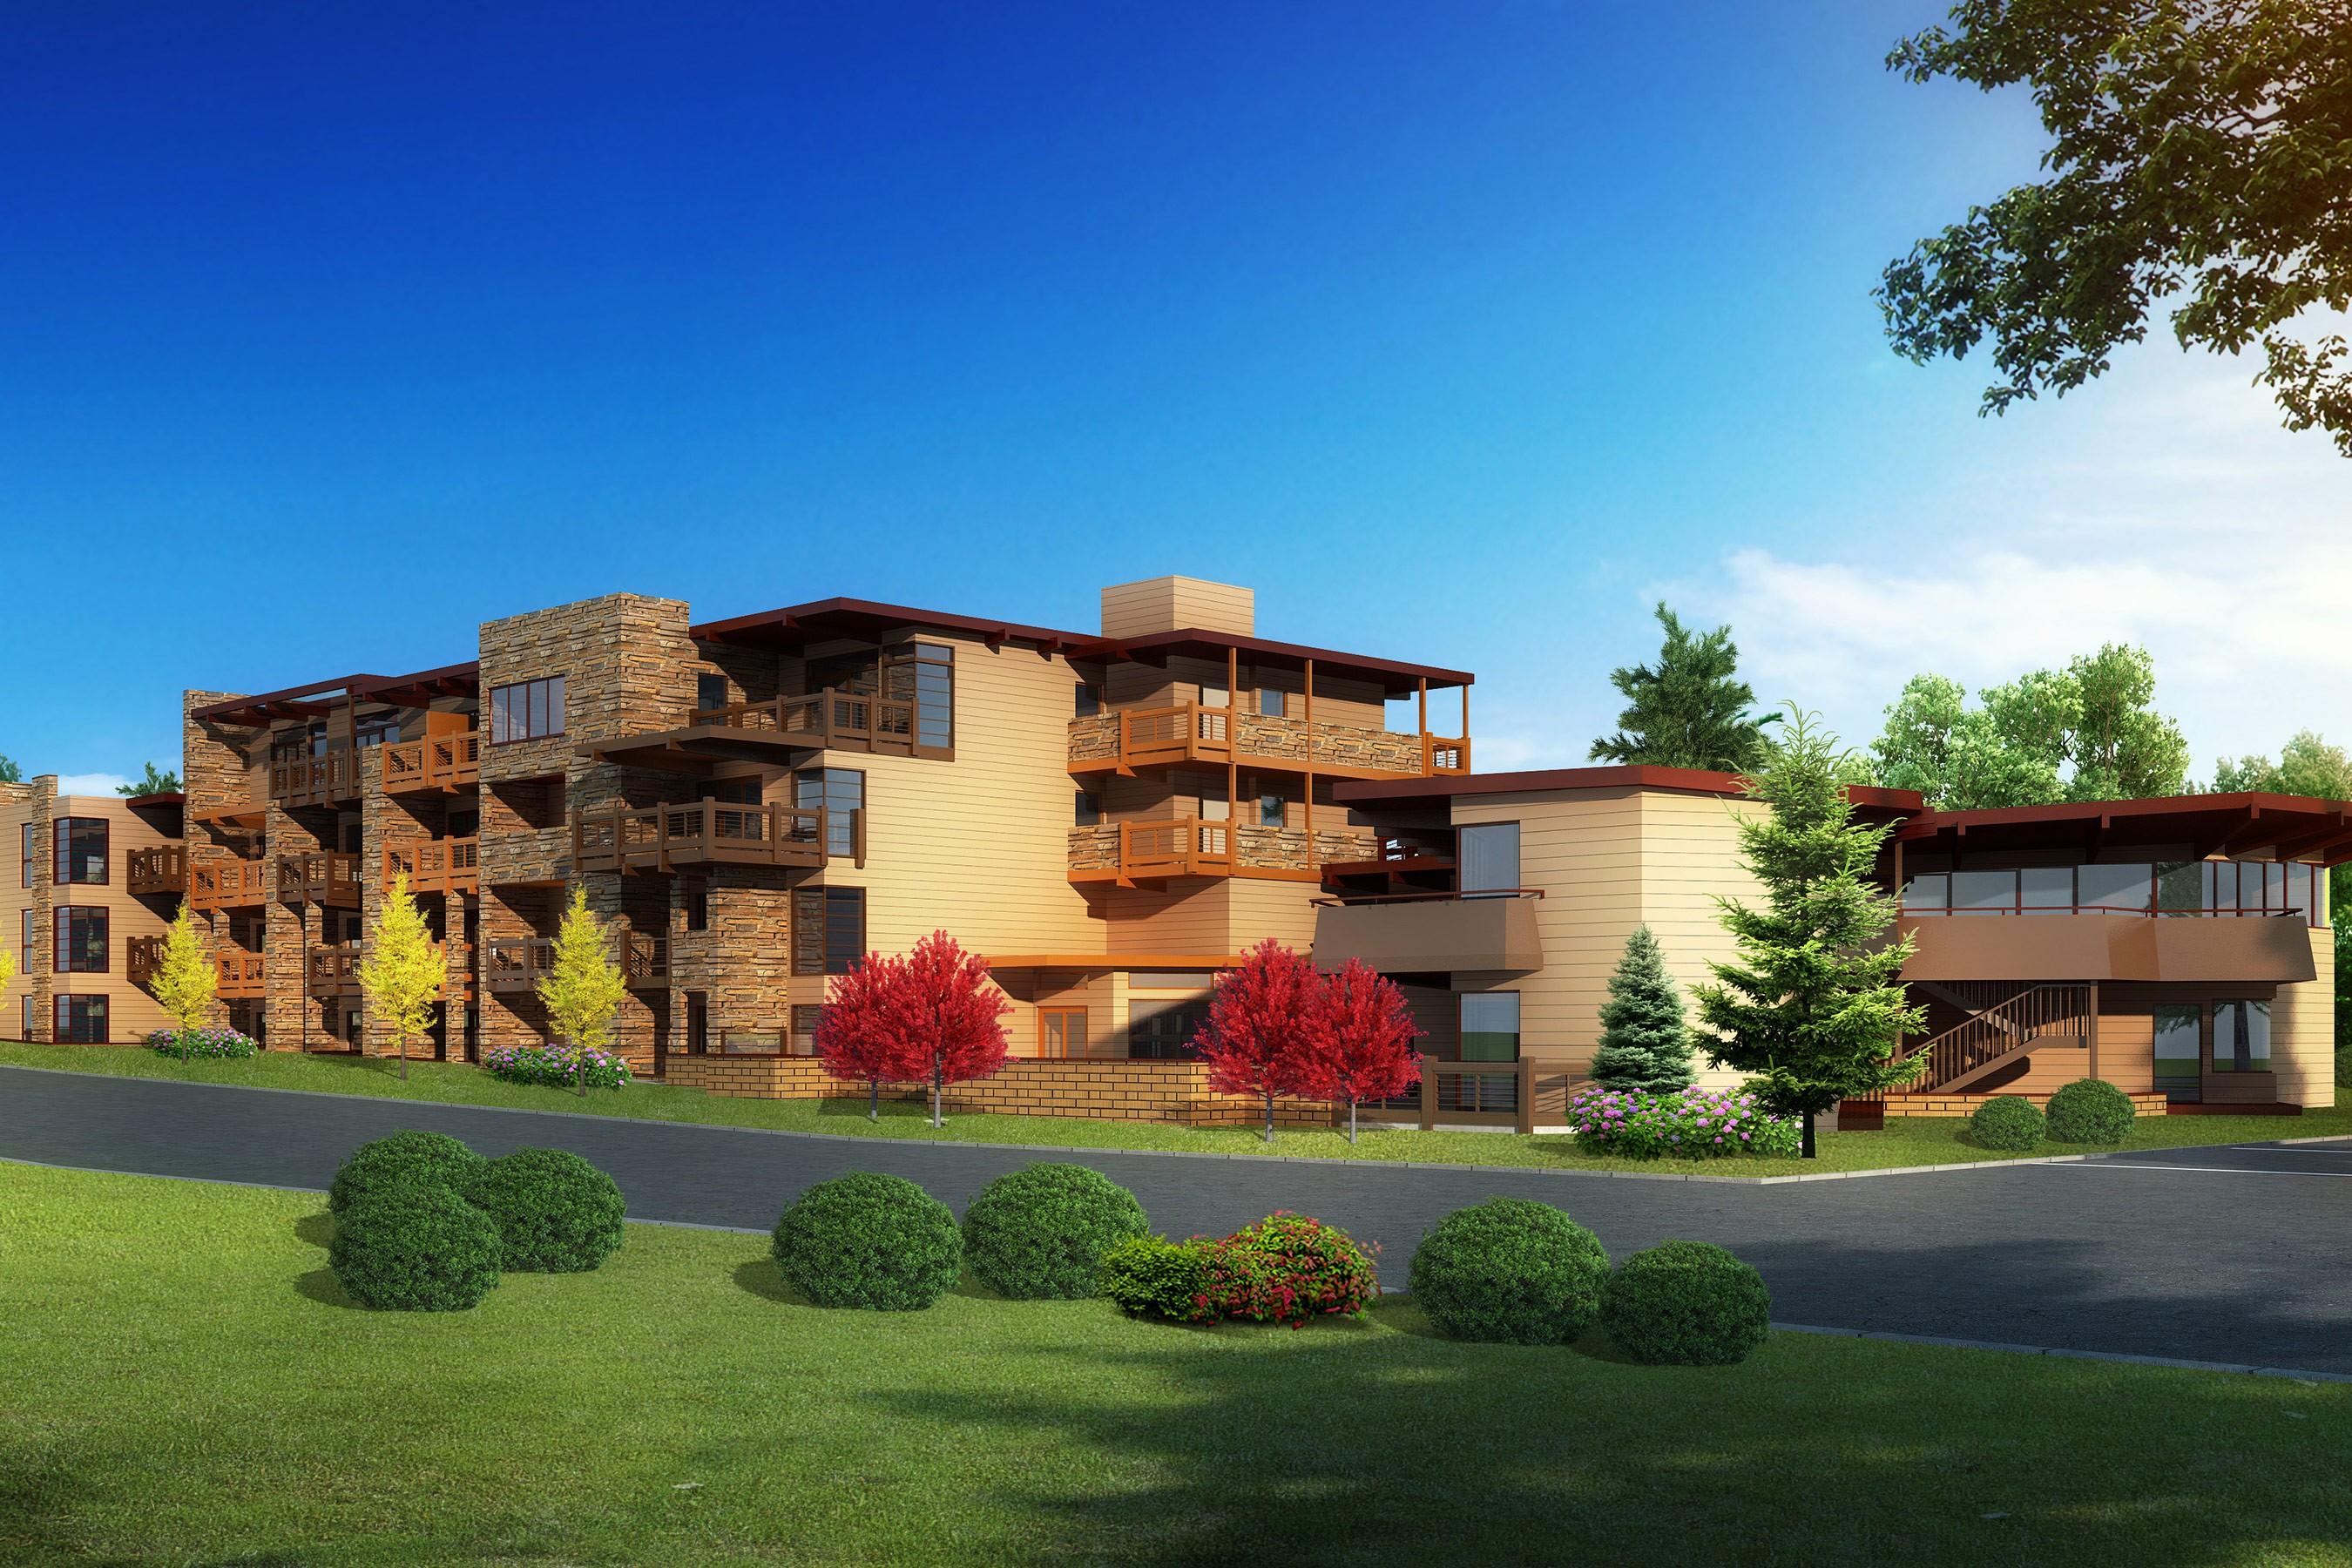 Кооперативная квартира для того Продажа на Boomerang Lodge 500 W. Hopkins Avenue Unit 210 & 211 Aspen, Колорадо, 81611 Соединенные Штаты